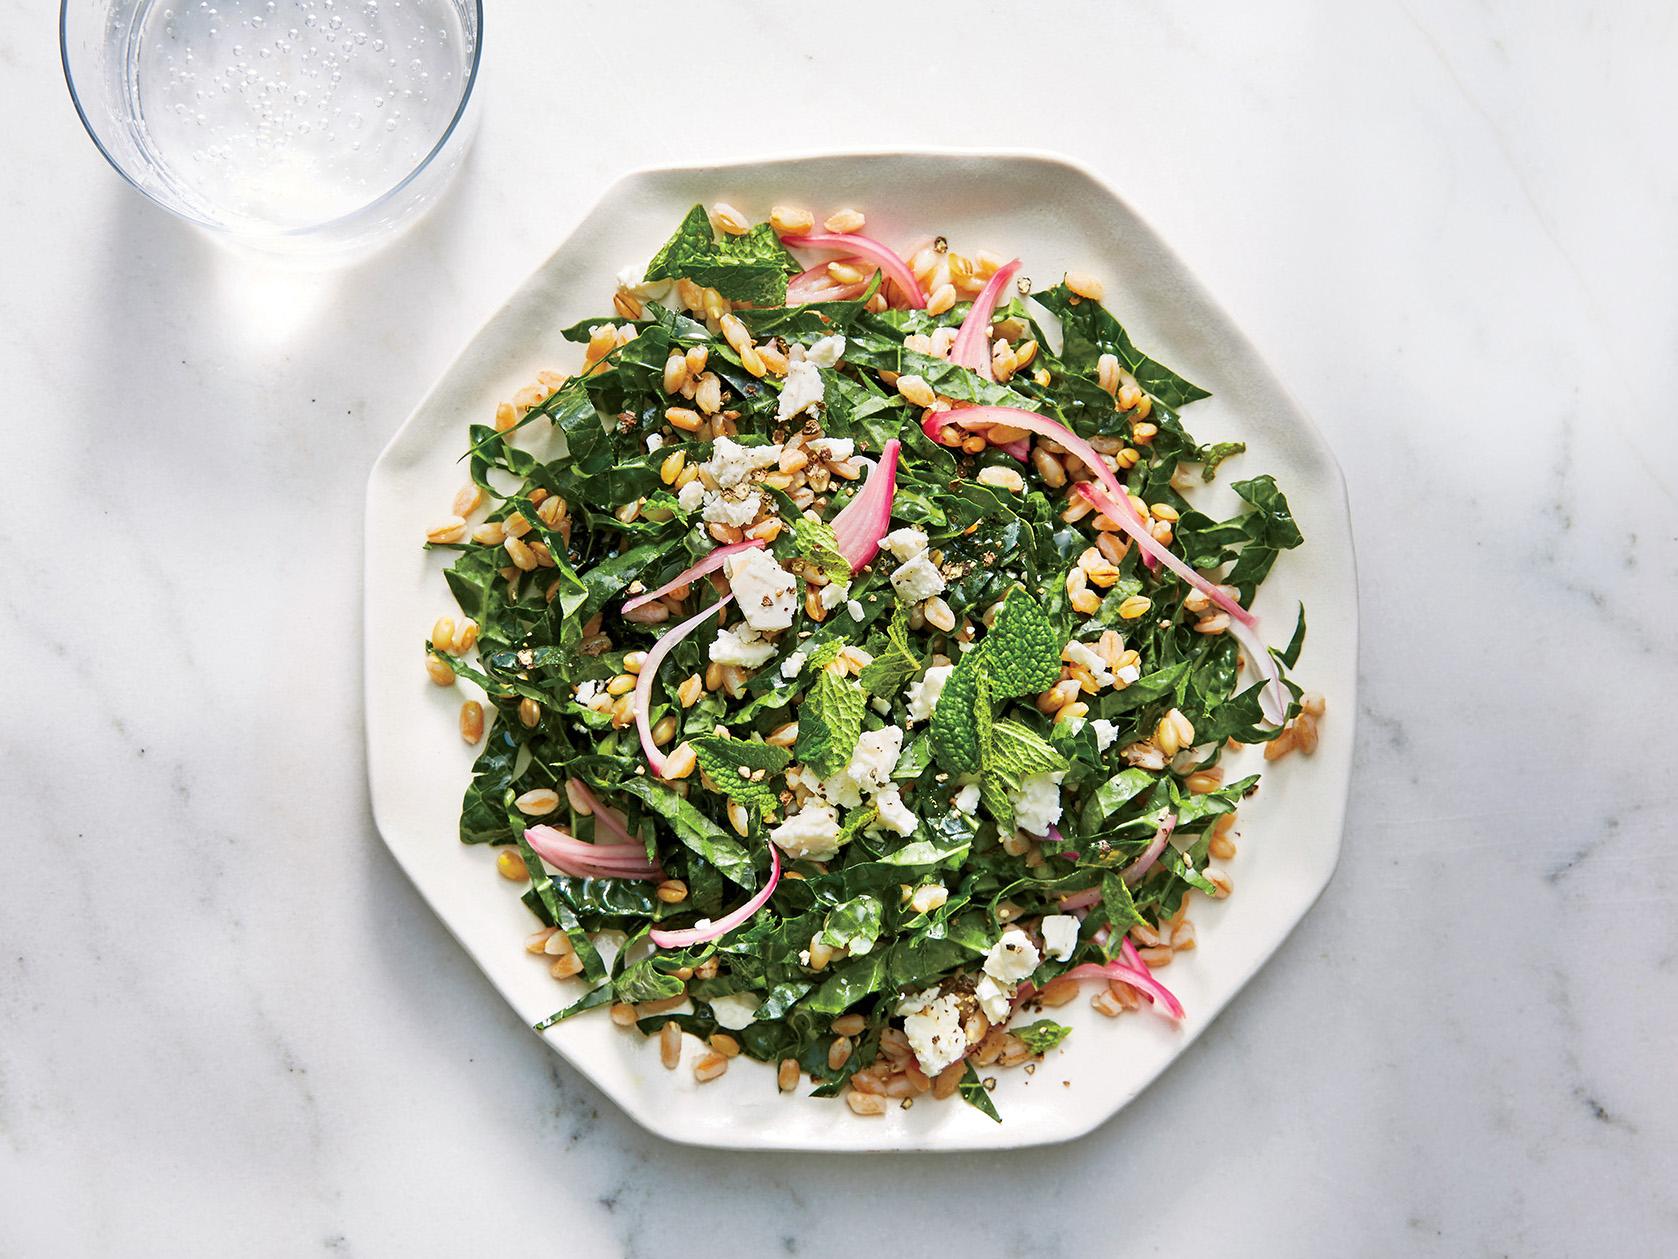 Kale, Farro, and Feta Salad